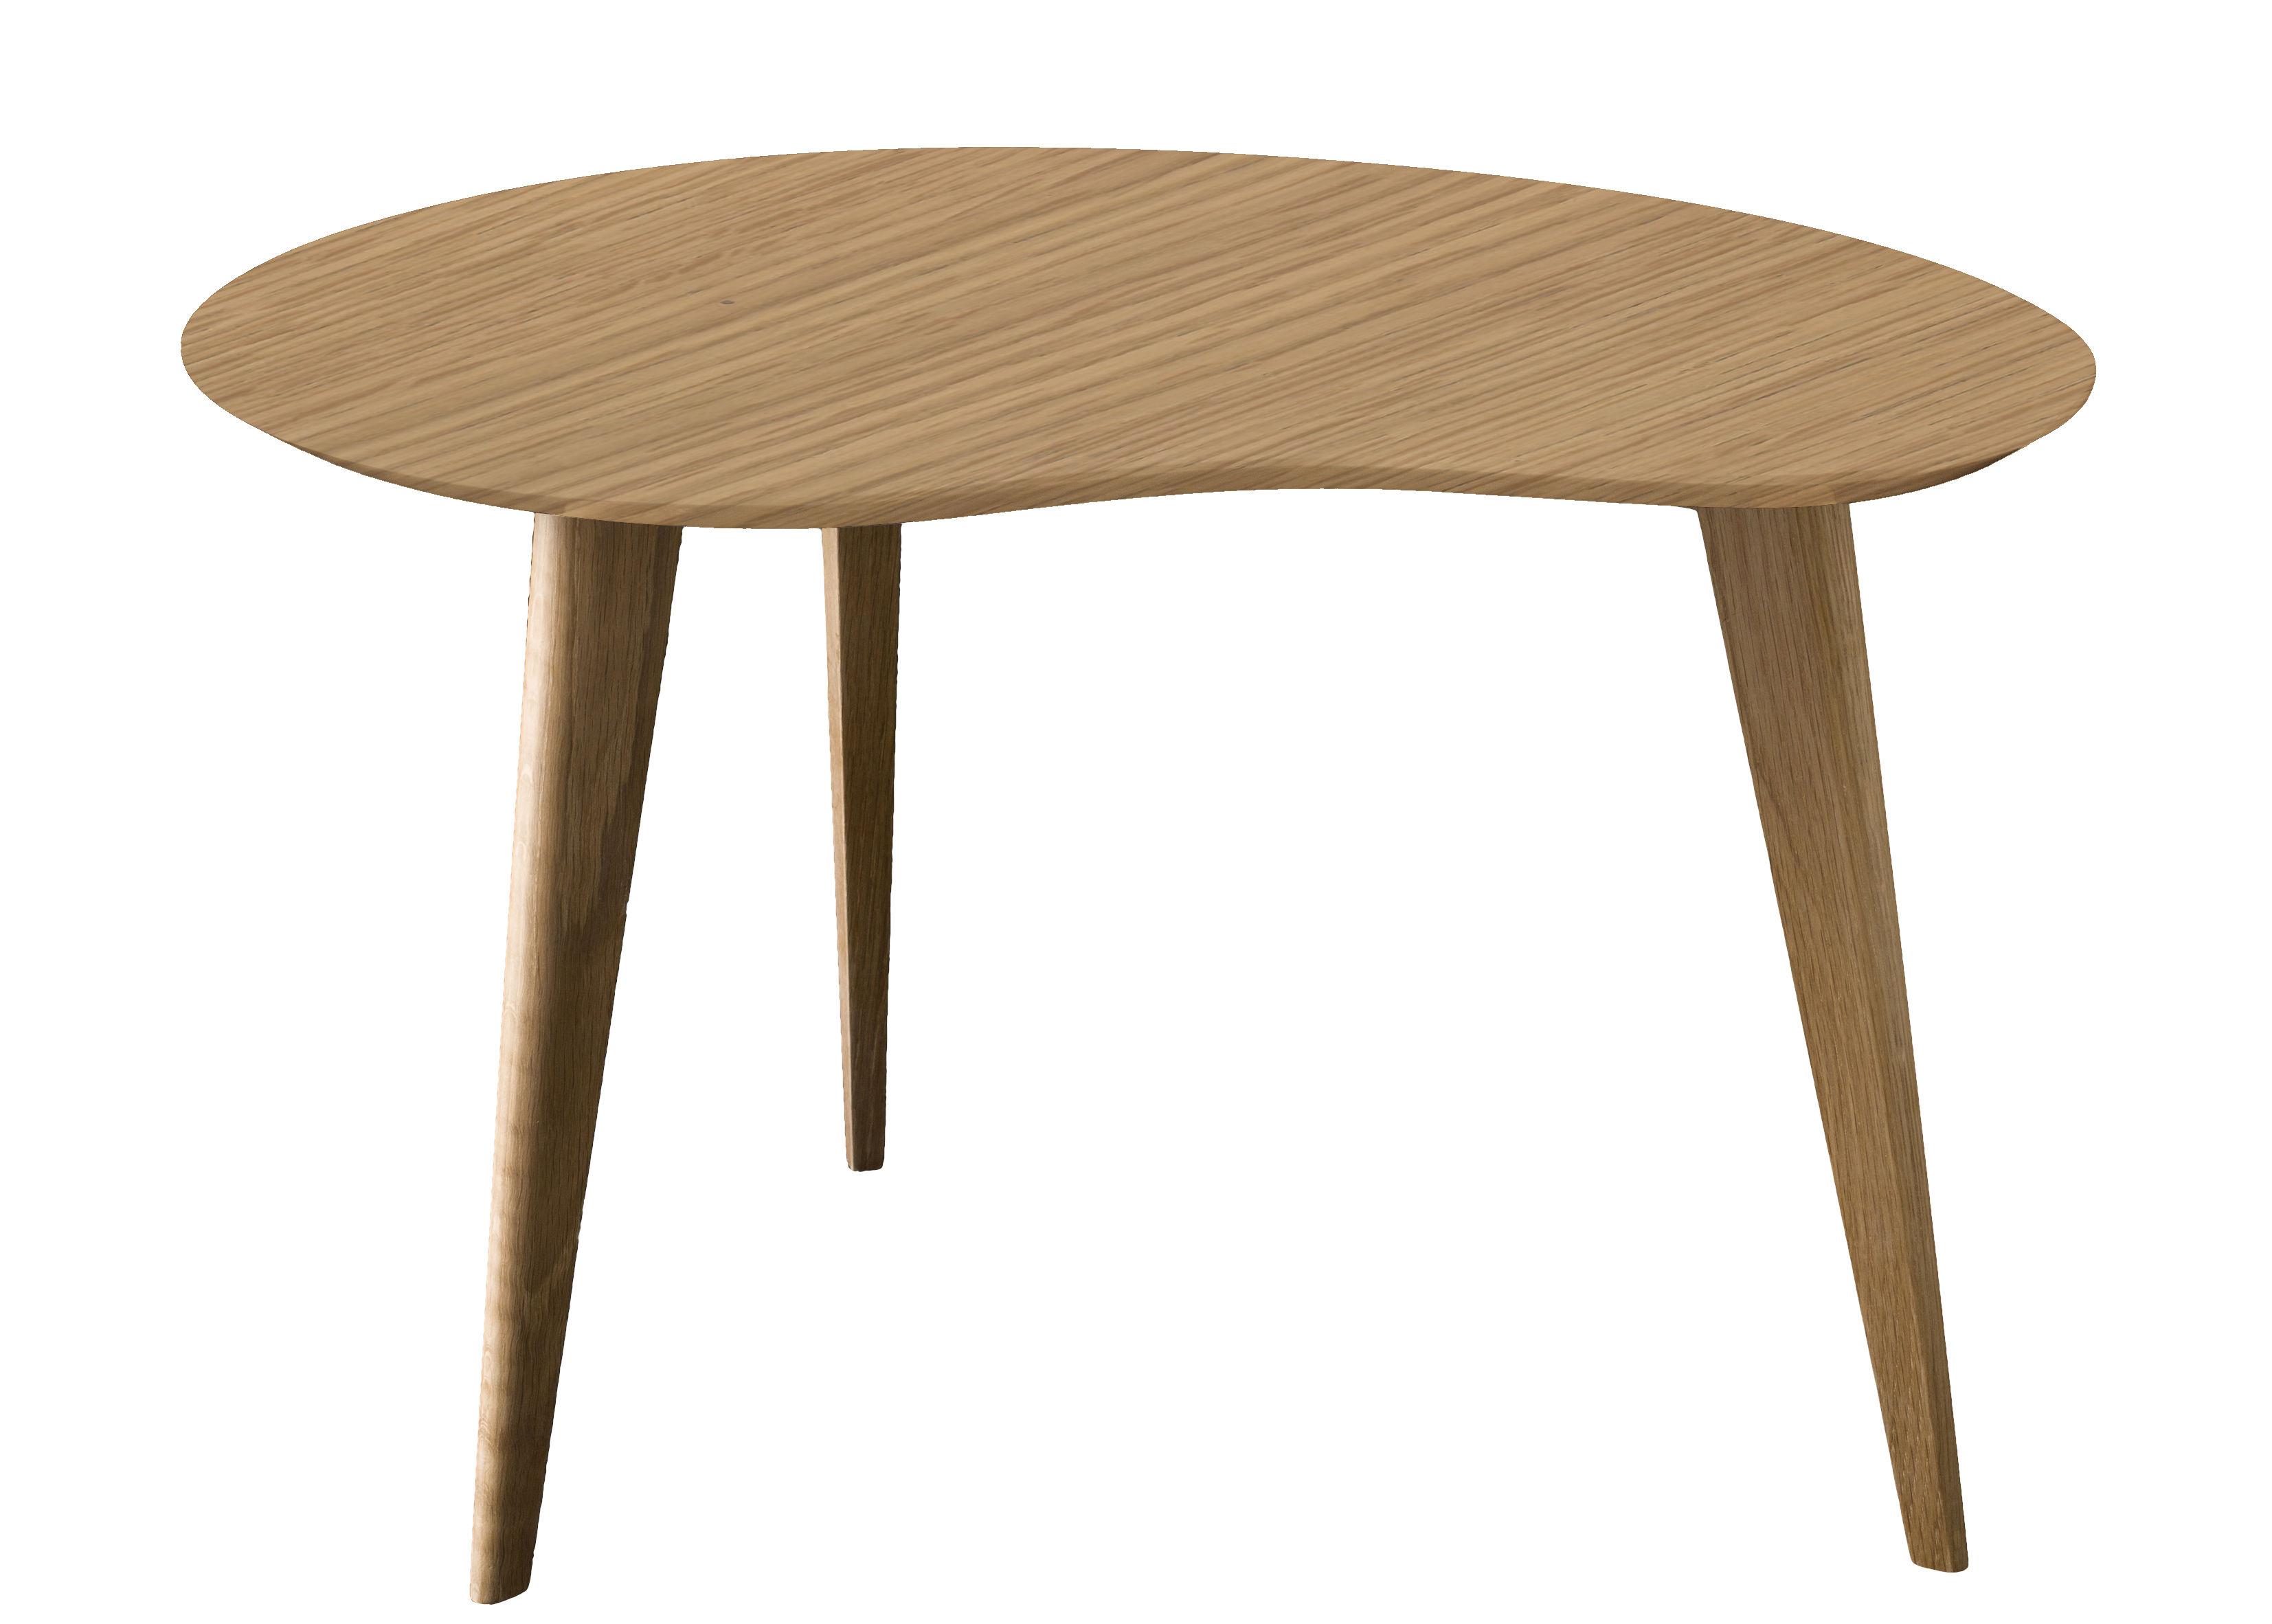 Arredamento - Tavolini  - Tavolino Lalinde - a forma di fagiolo - Small / Gambe in legno di Sentou Edition - Rovere / Gambe legno - MDF, Rovere verniciato